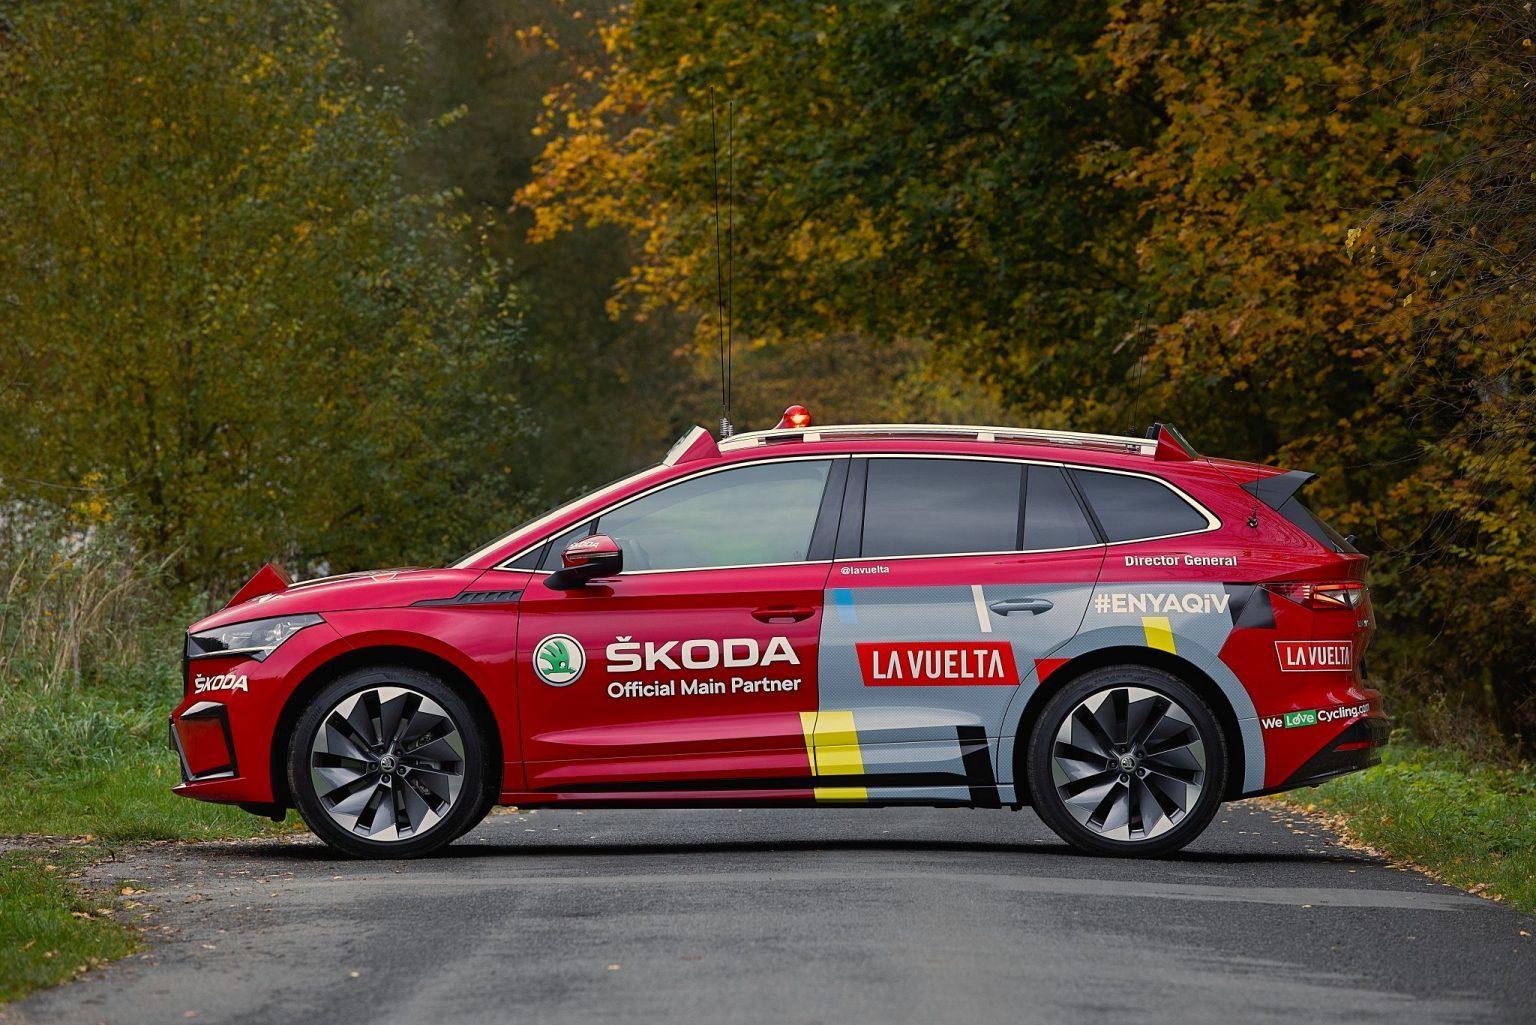 La Vuelta estrenó el Skoda Enyaq iV en 2020 y ya cuenta con más unidades.